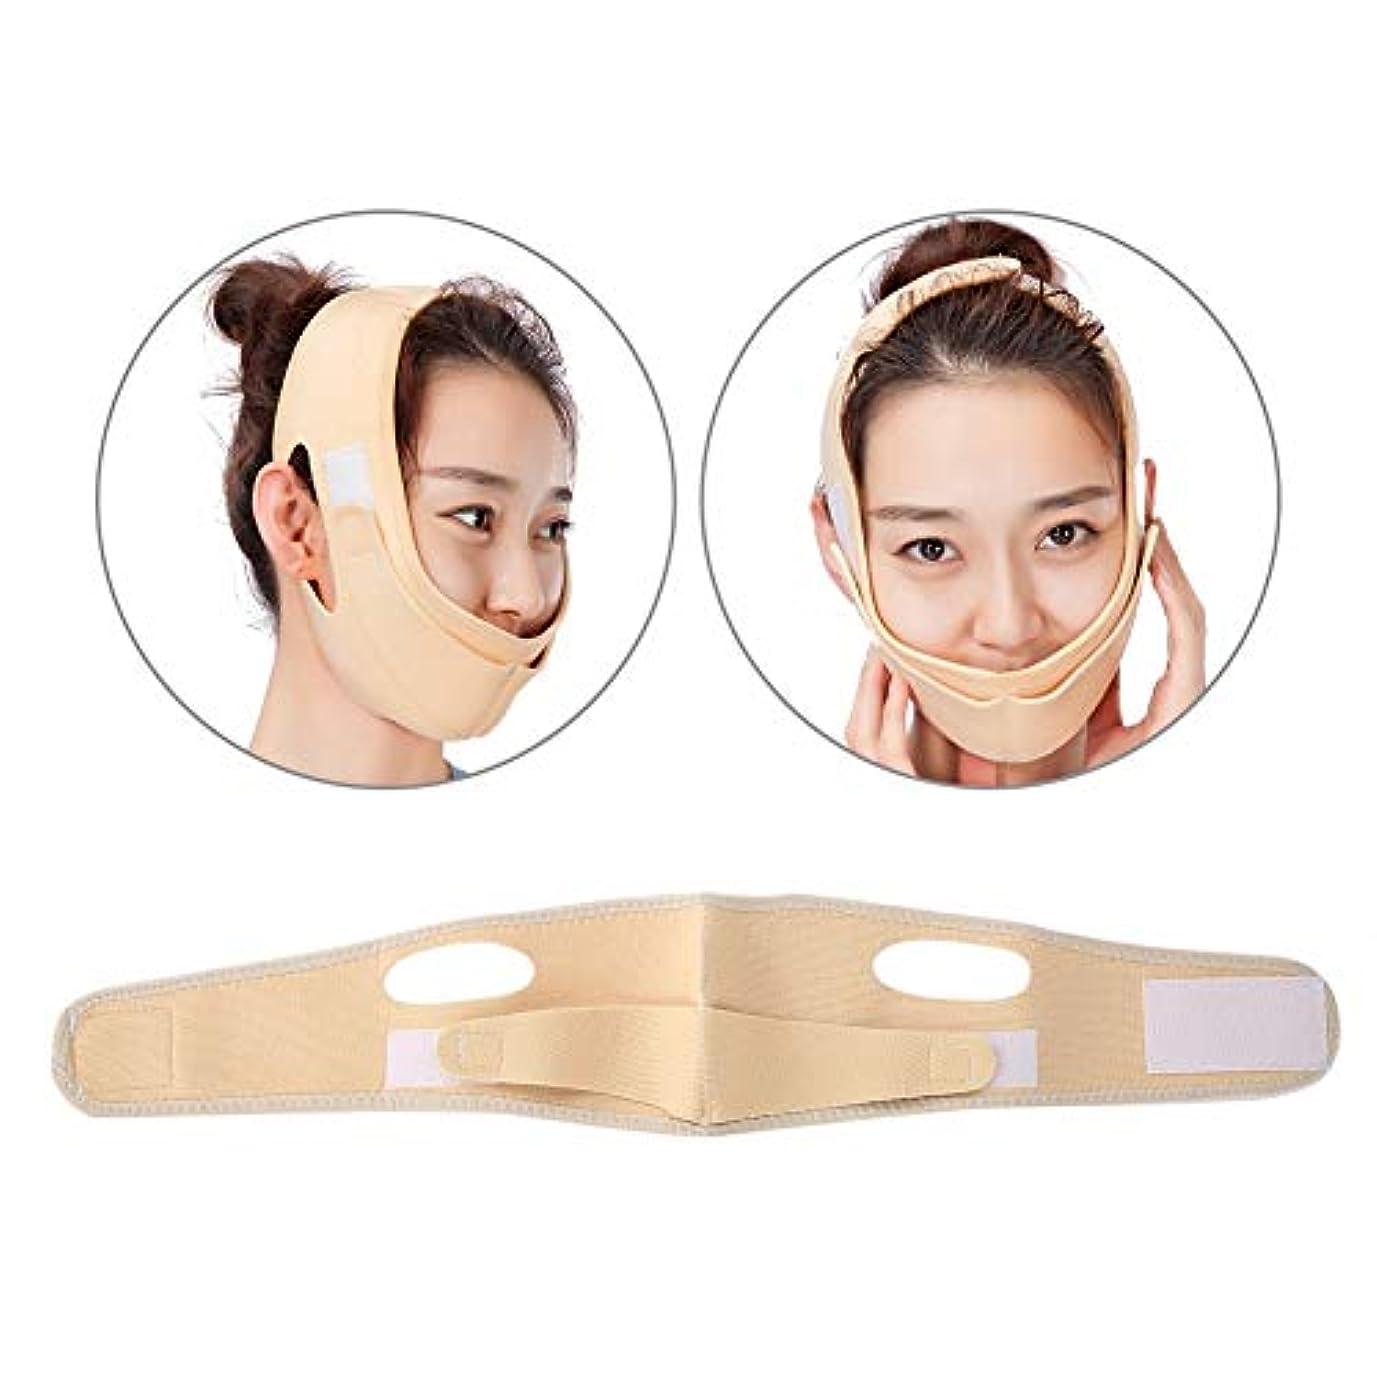 フェイスリフト用 フェイスマスク 顔輪郭を改善する 美容包帯 通気性/伸縮性/変形不可(01)